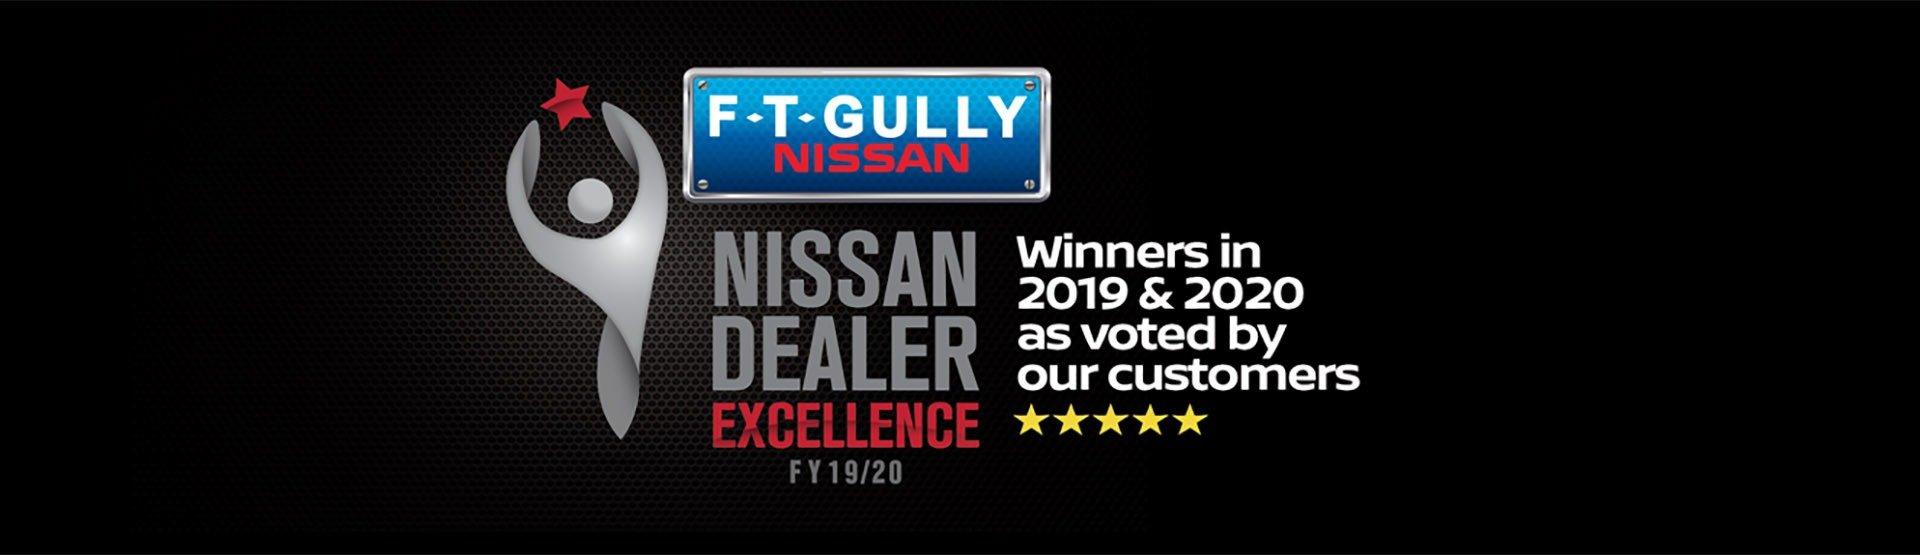 FTG Nissan Dealer